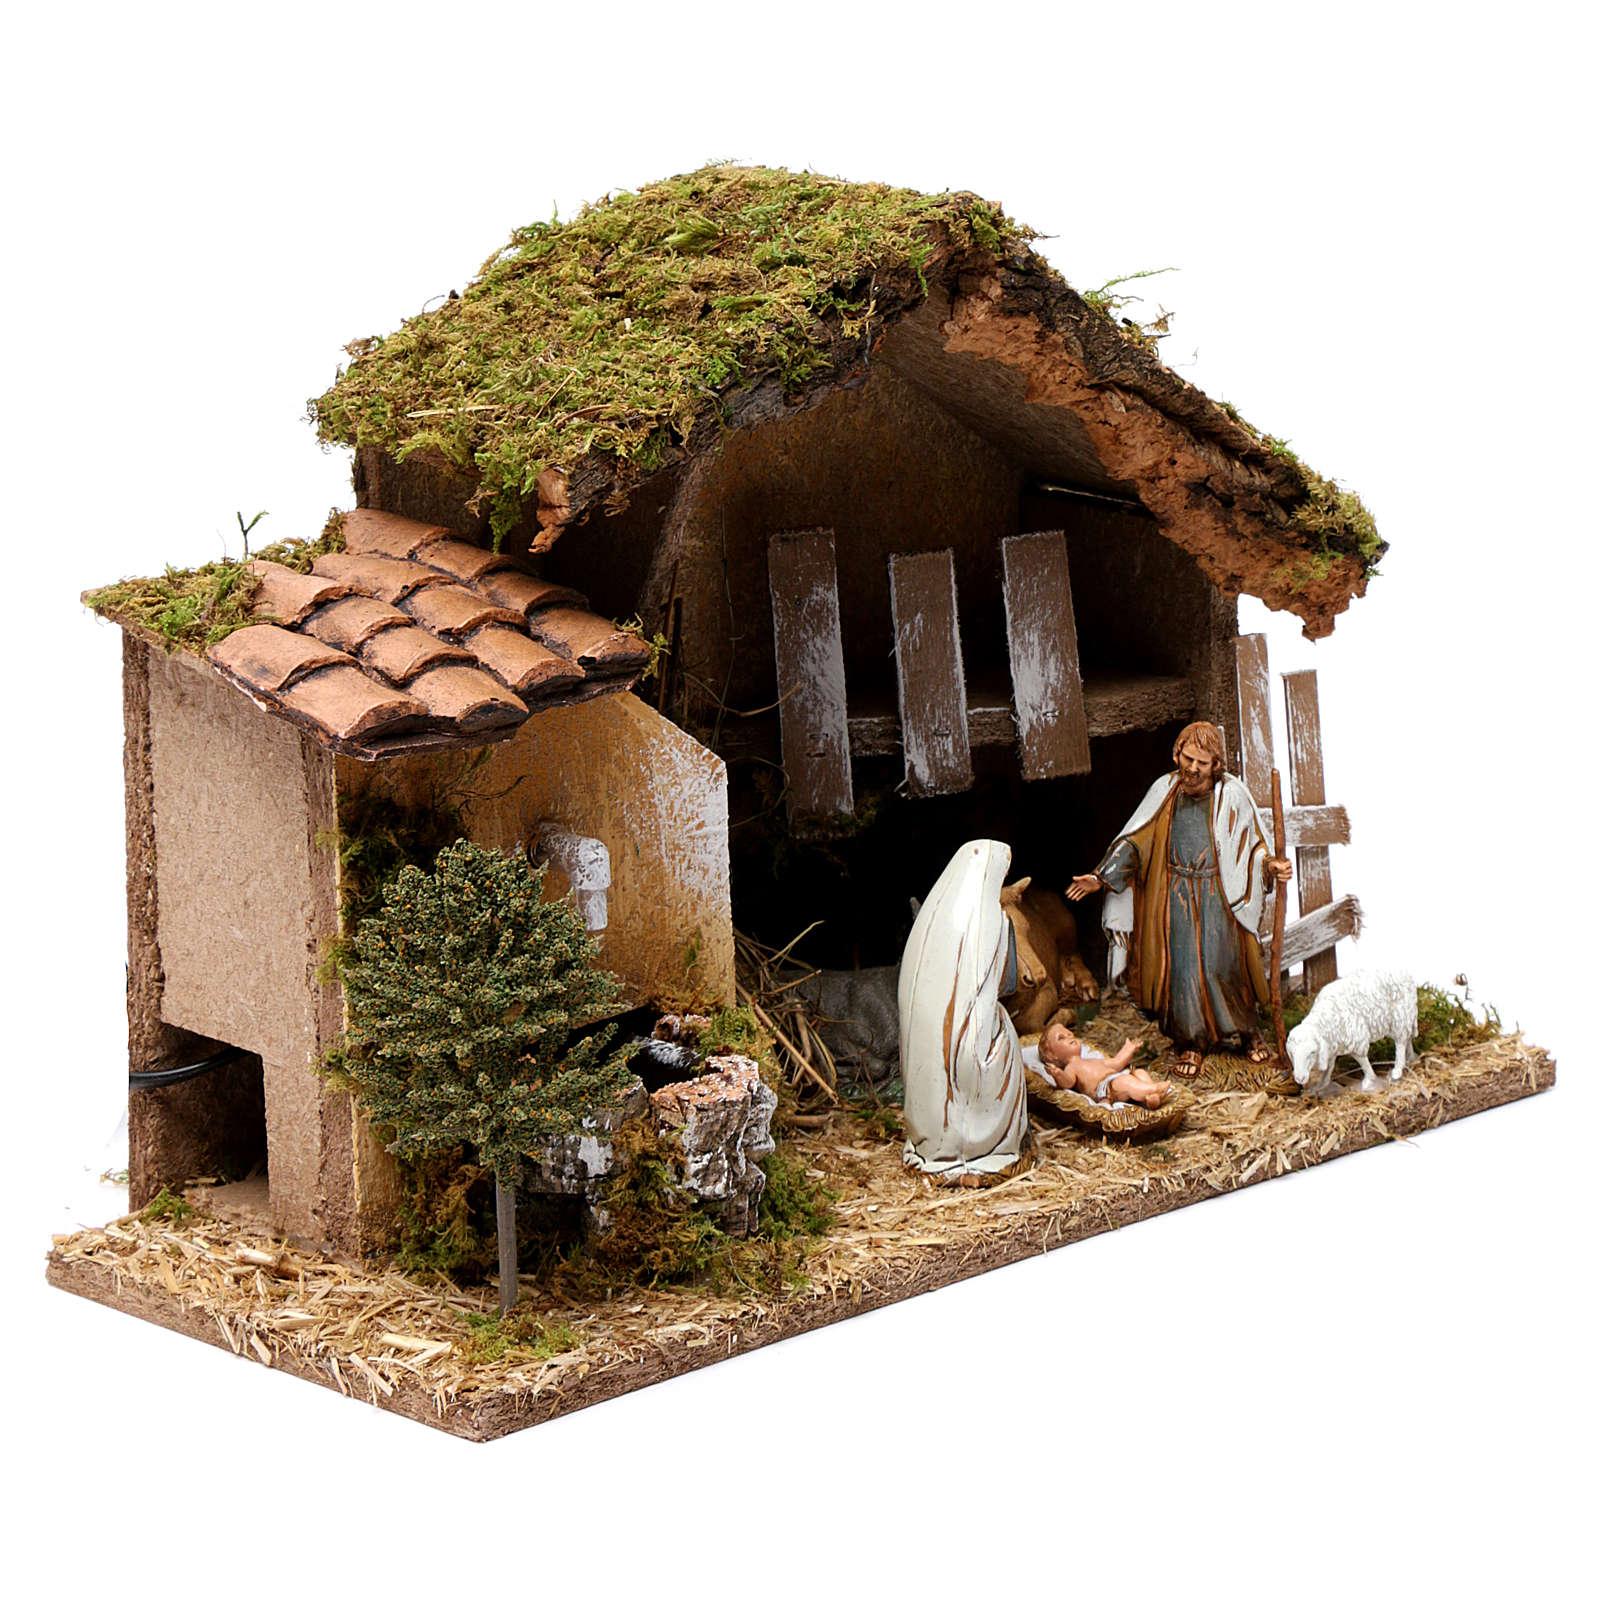 Cabaña con natividad y fuente 20x30x20 cm con belén completo 4